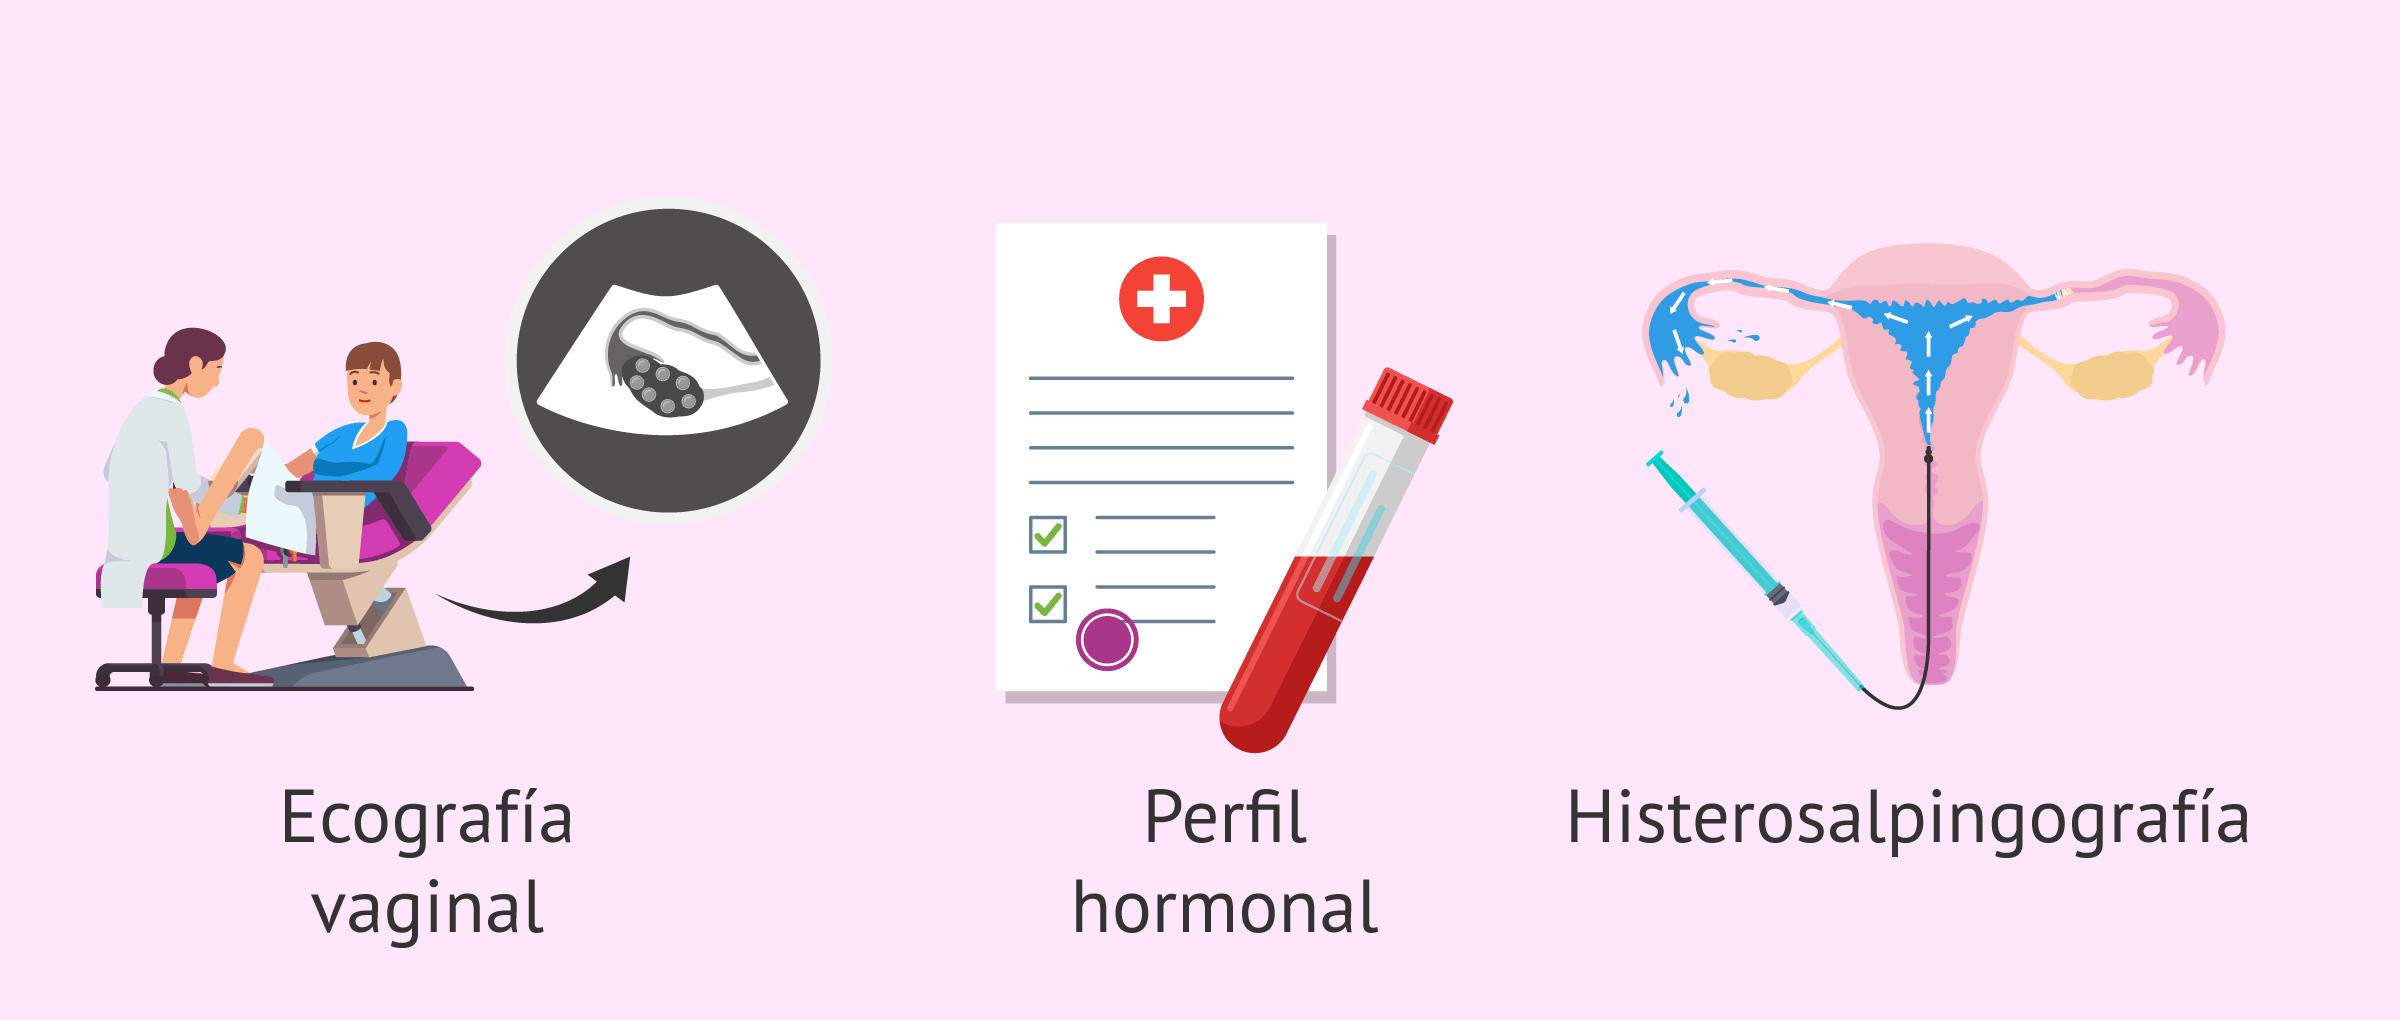 Primera pruebas de fertilidad en la mujer